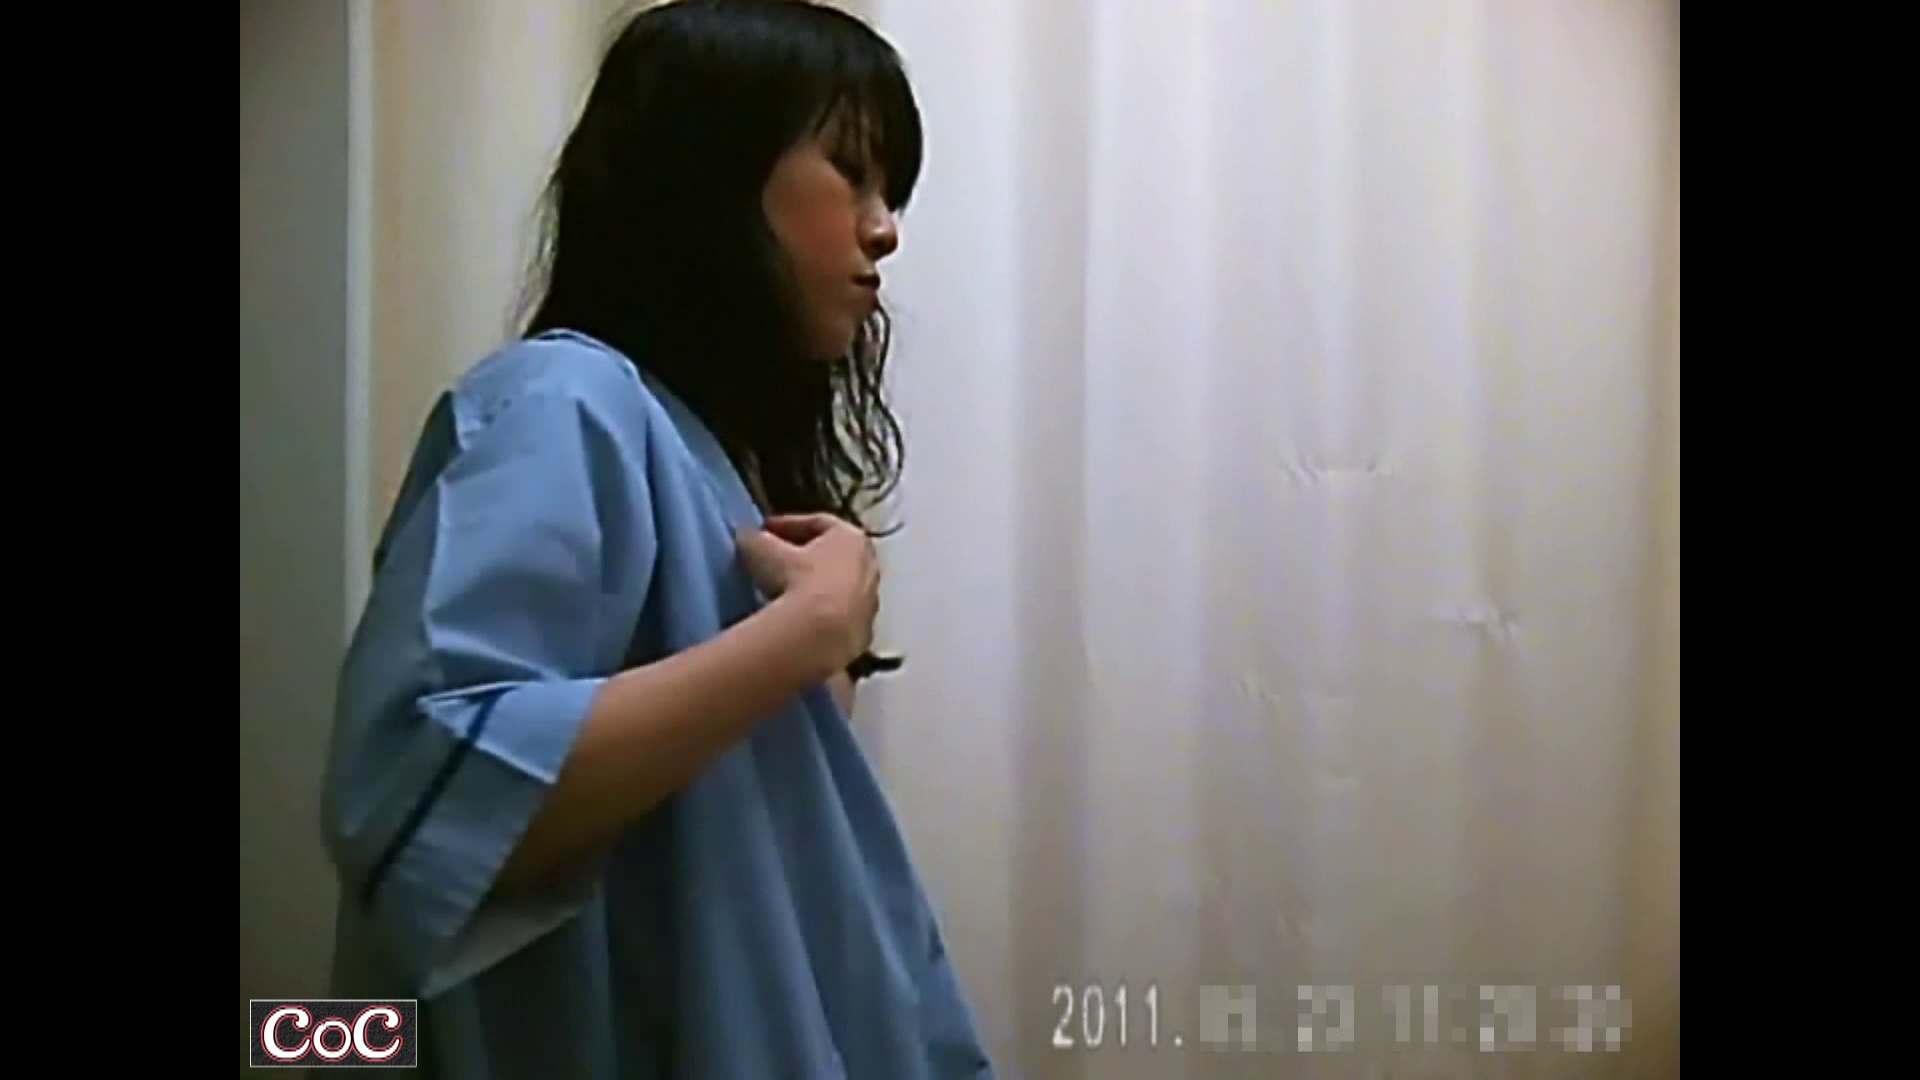 元医者による反抗 更衣室地獄絵巻 vol.159 エッチすぎるOL達  14連発 12